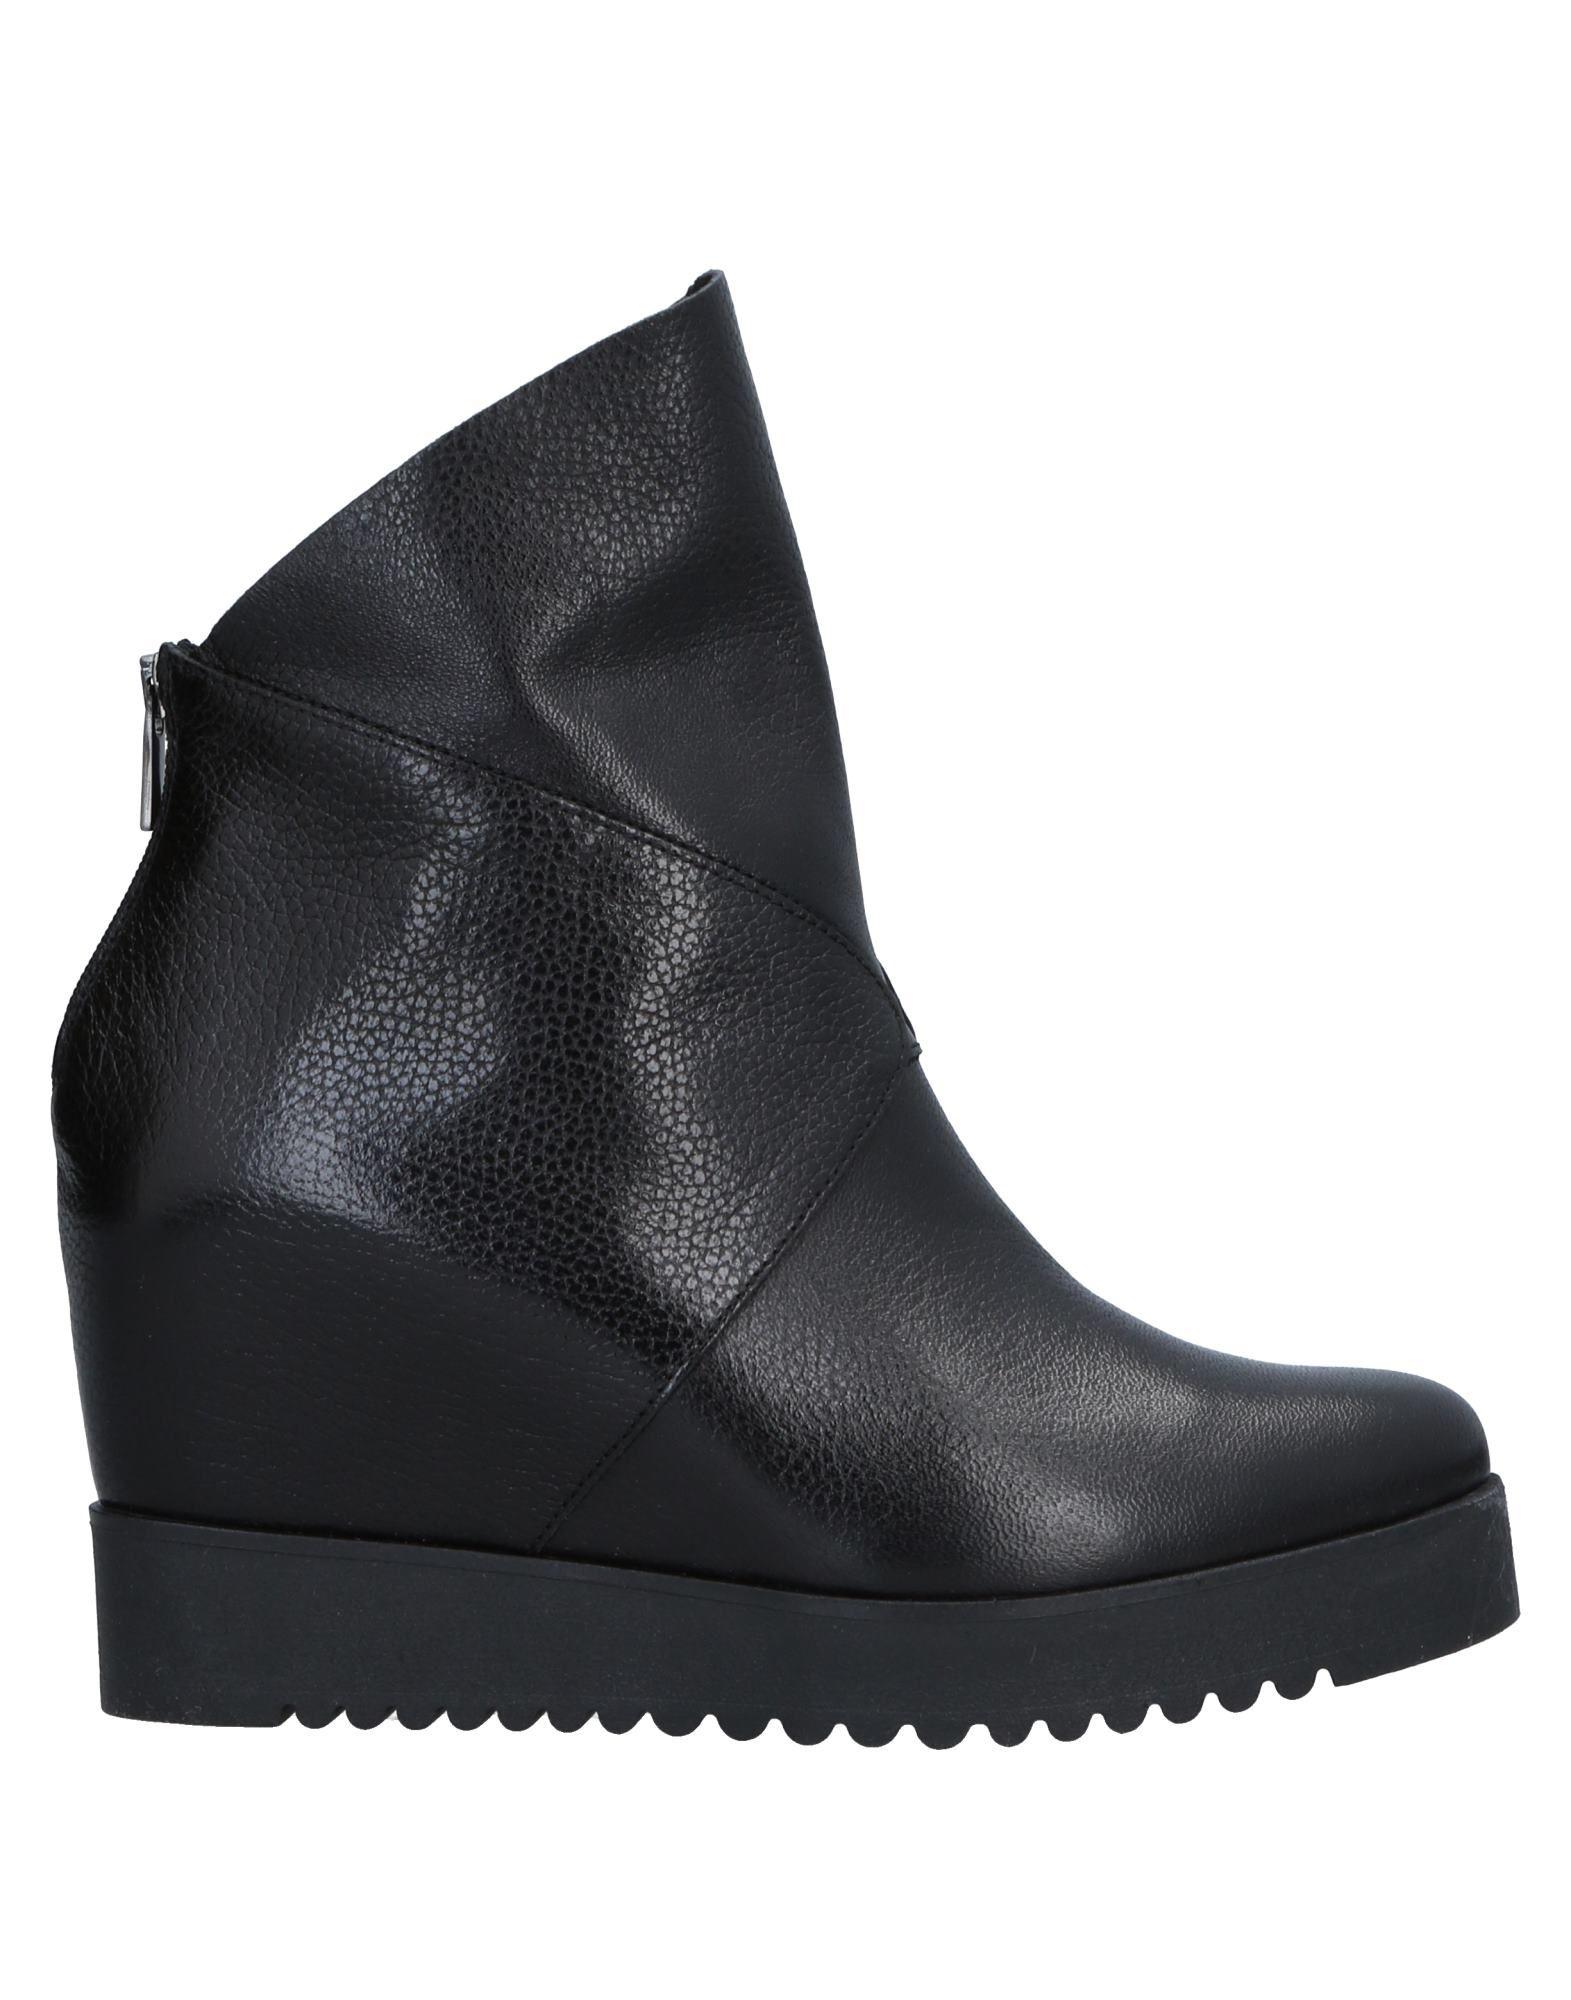 Donna Più Stiefelette Damen  11527013LK Gute Qualität beliebte Schuhe